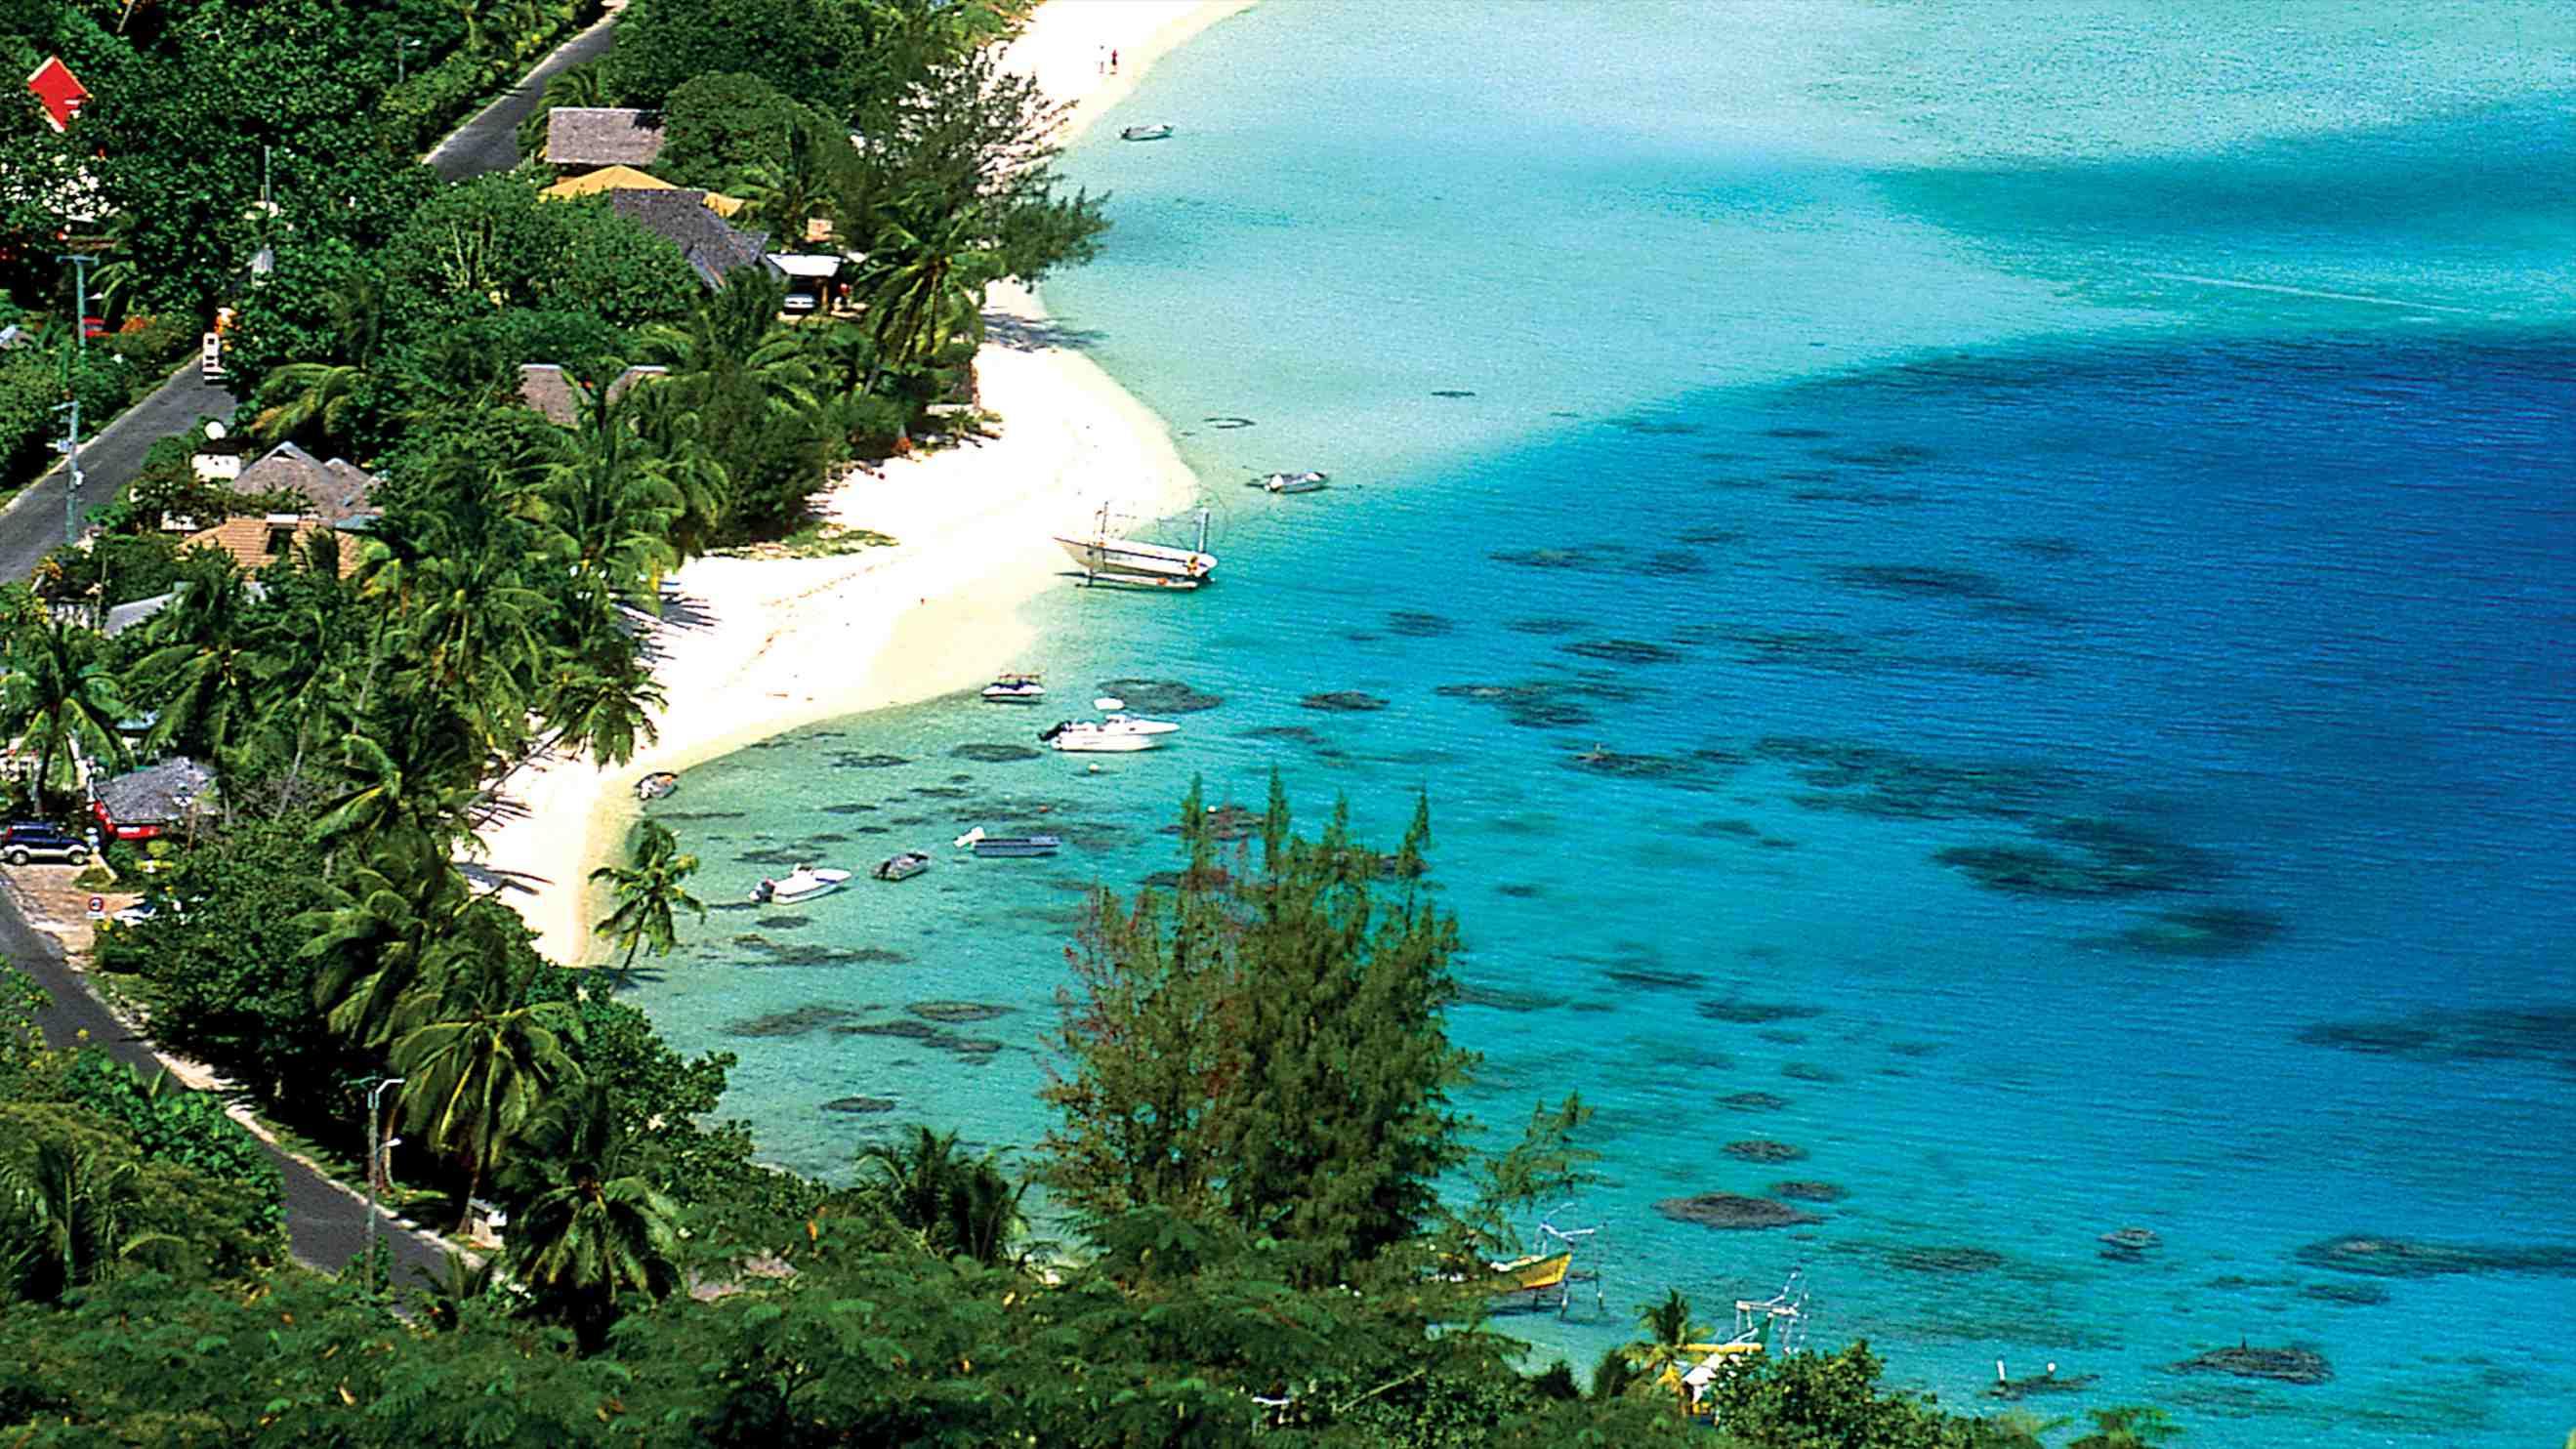 Cheapest Time To Travel To Bora Bora